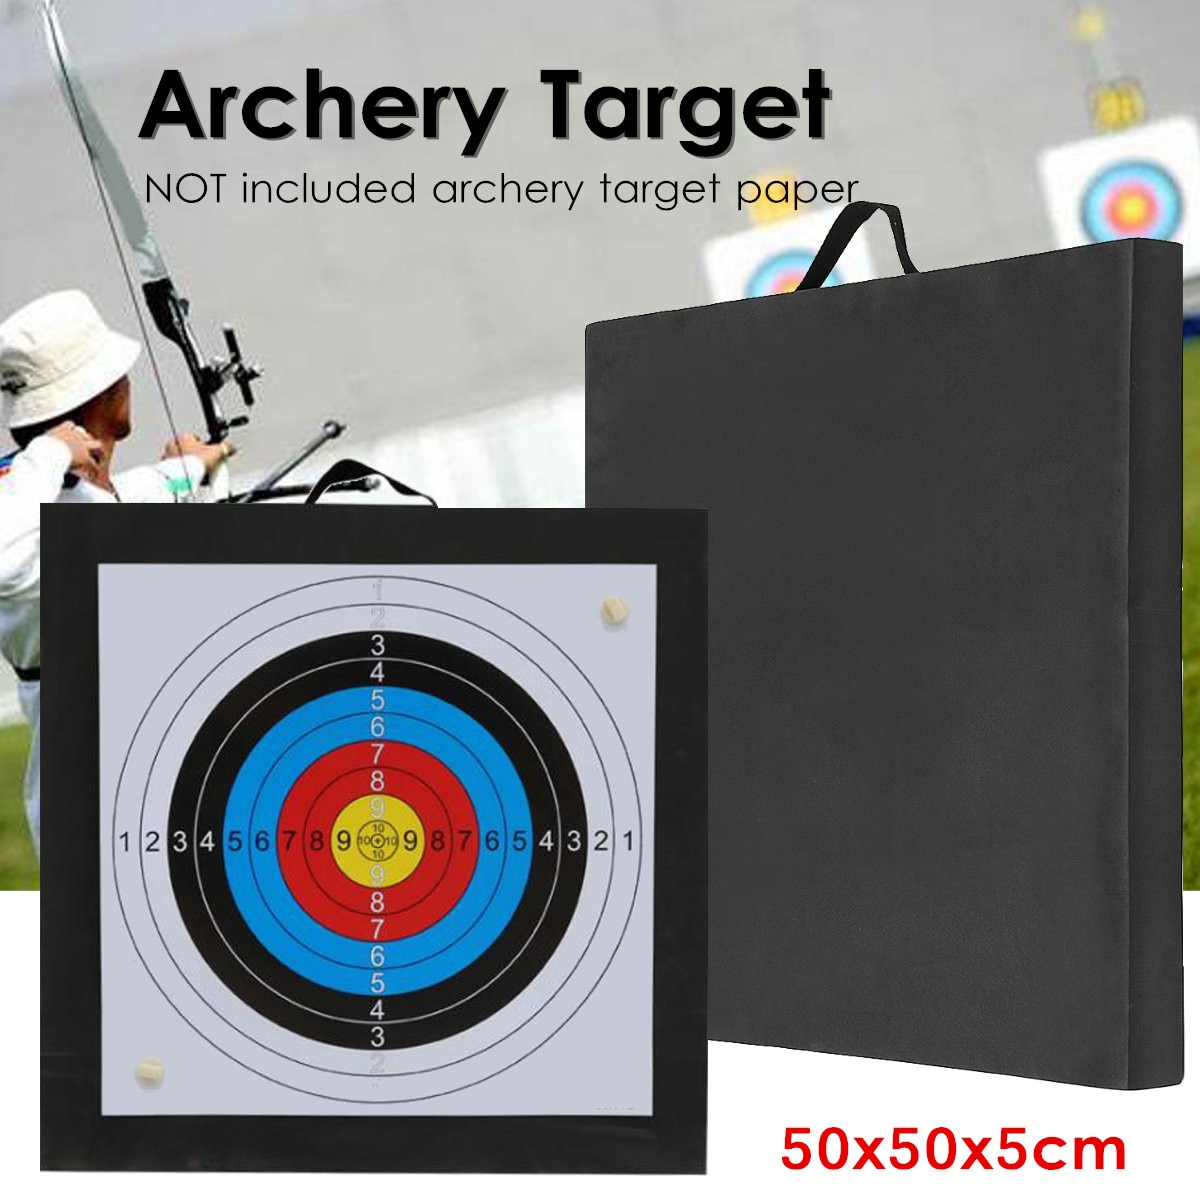 Y Target высокая плотность EVA пена для стрельбы тренировочная доска для занятий спортом на открытом воздухе аксессуары для охоты Рекурсивный л...